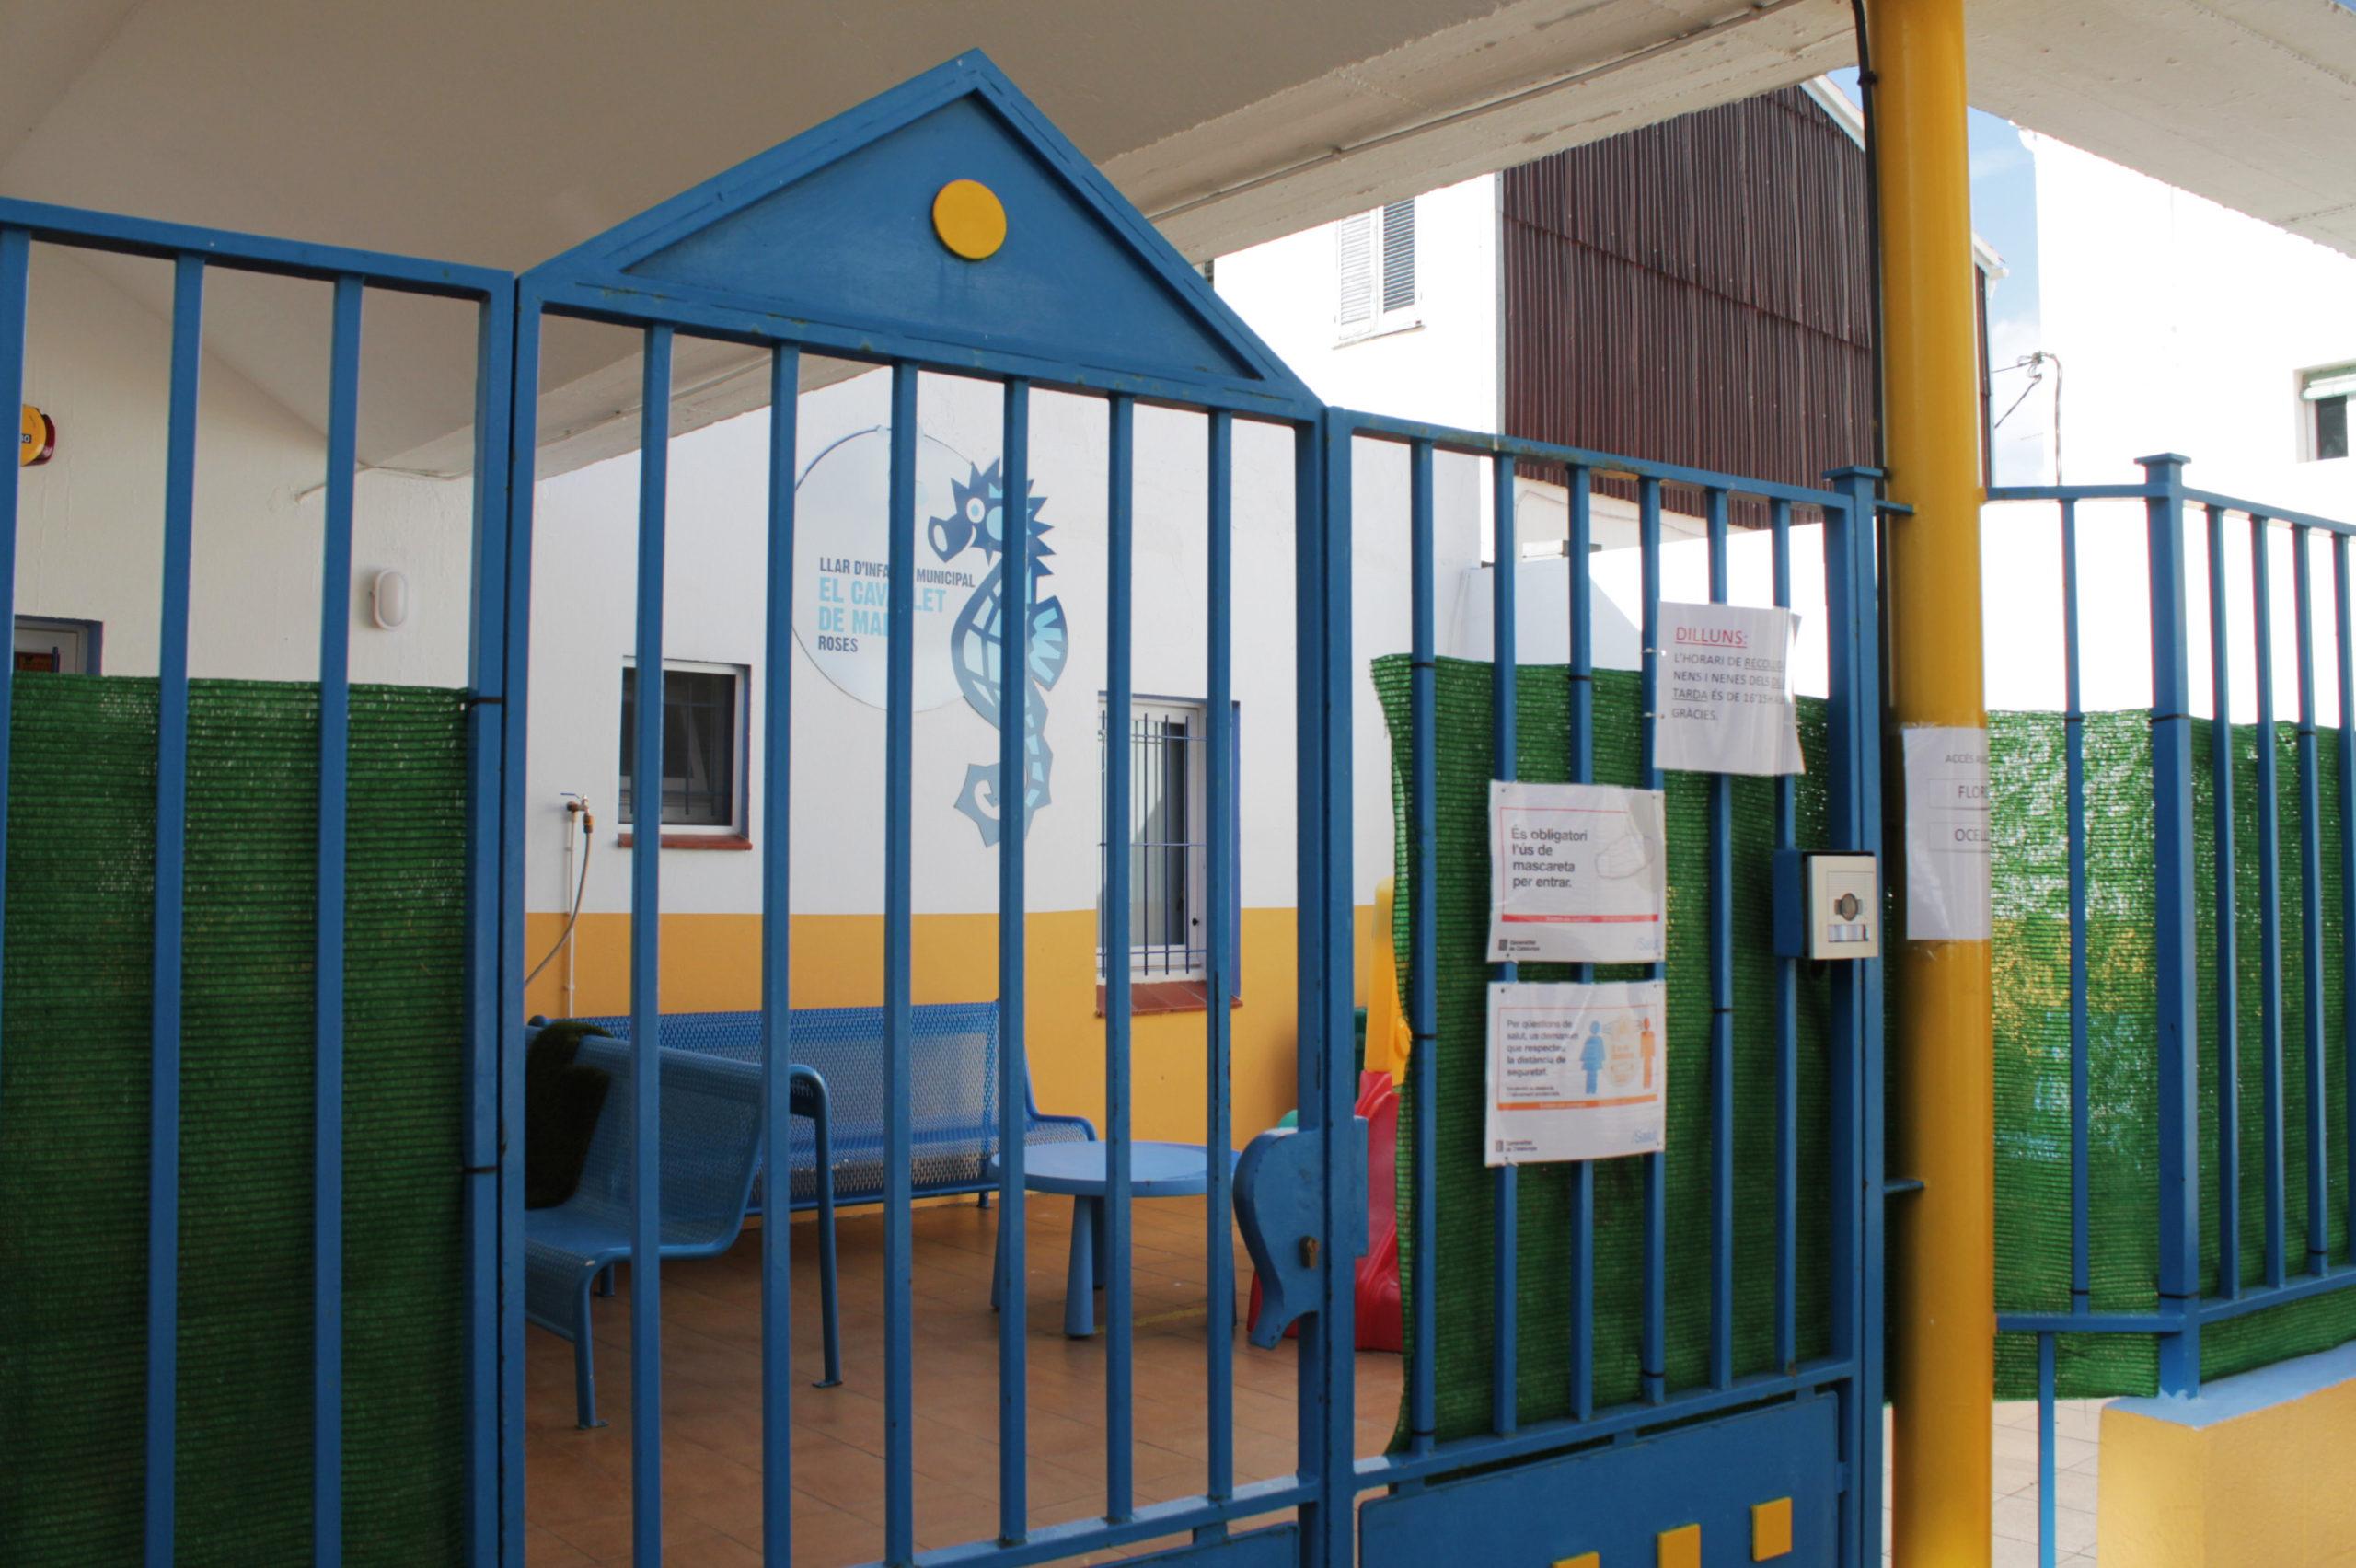 La llar d'infants municipal Cavallet de Mar obre un nou grup de P0 per atendre la demanda de places